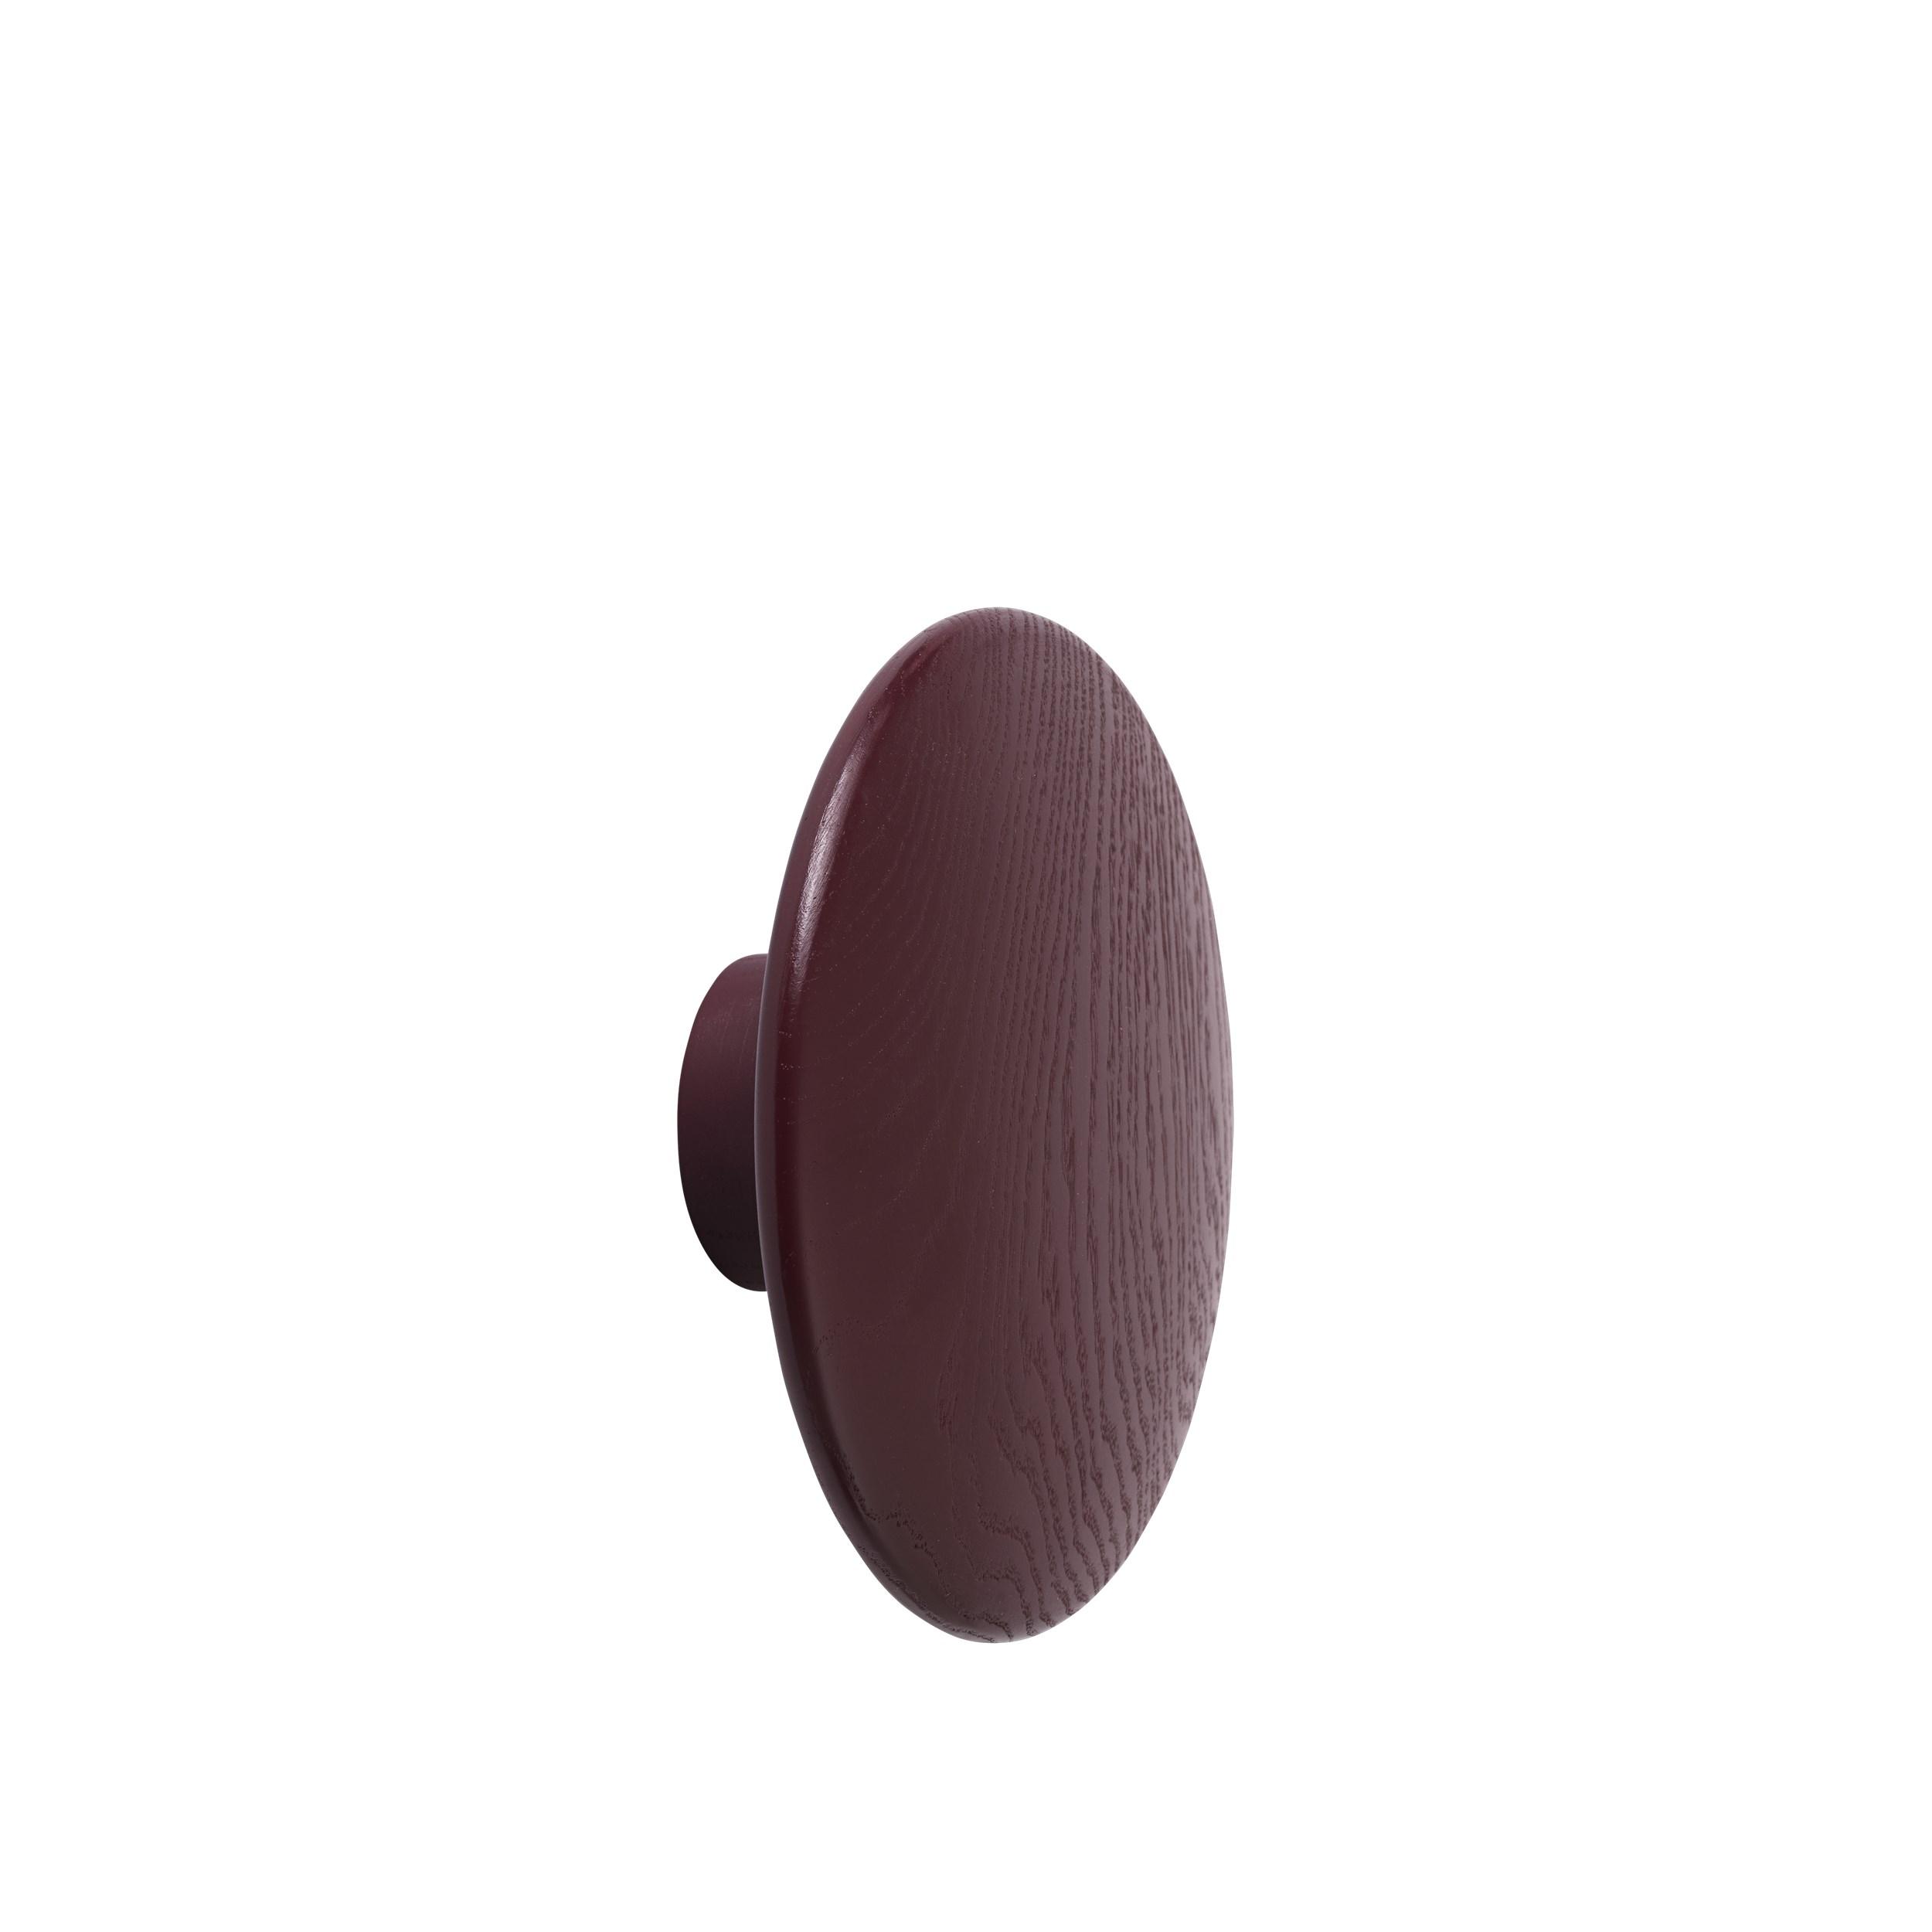 Dot wood large Ø 17 cm burgundy